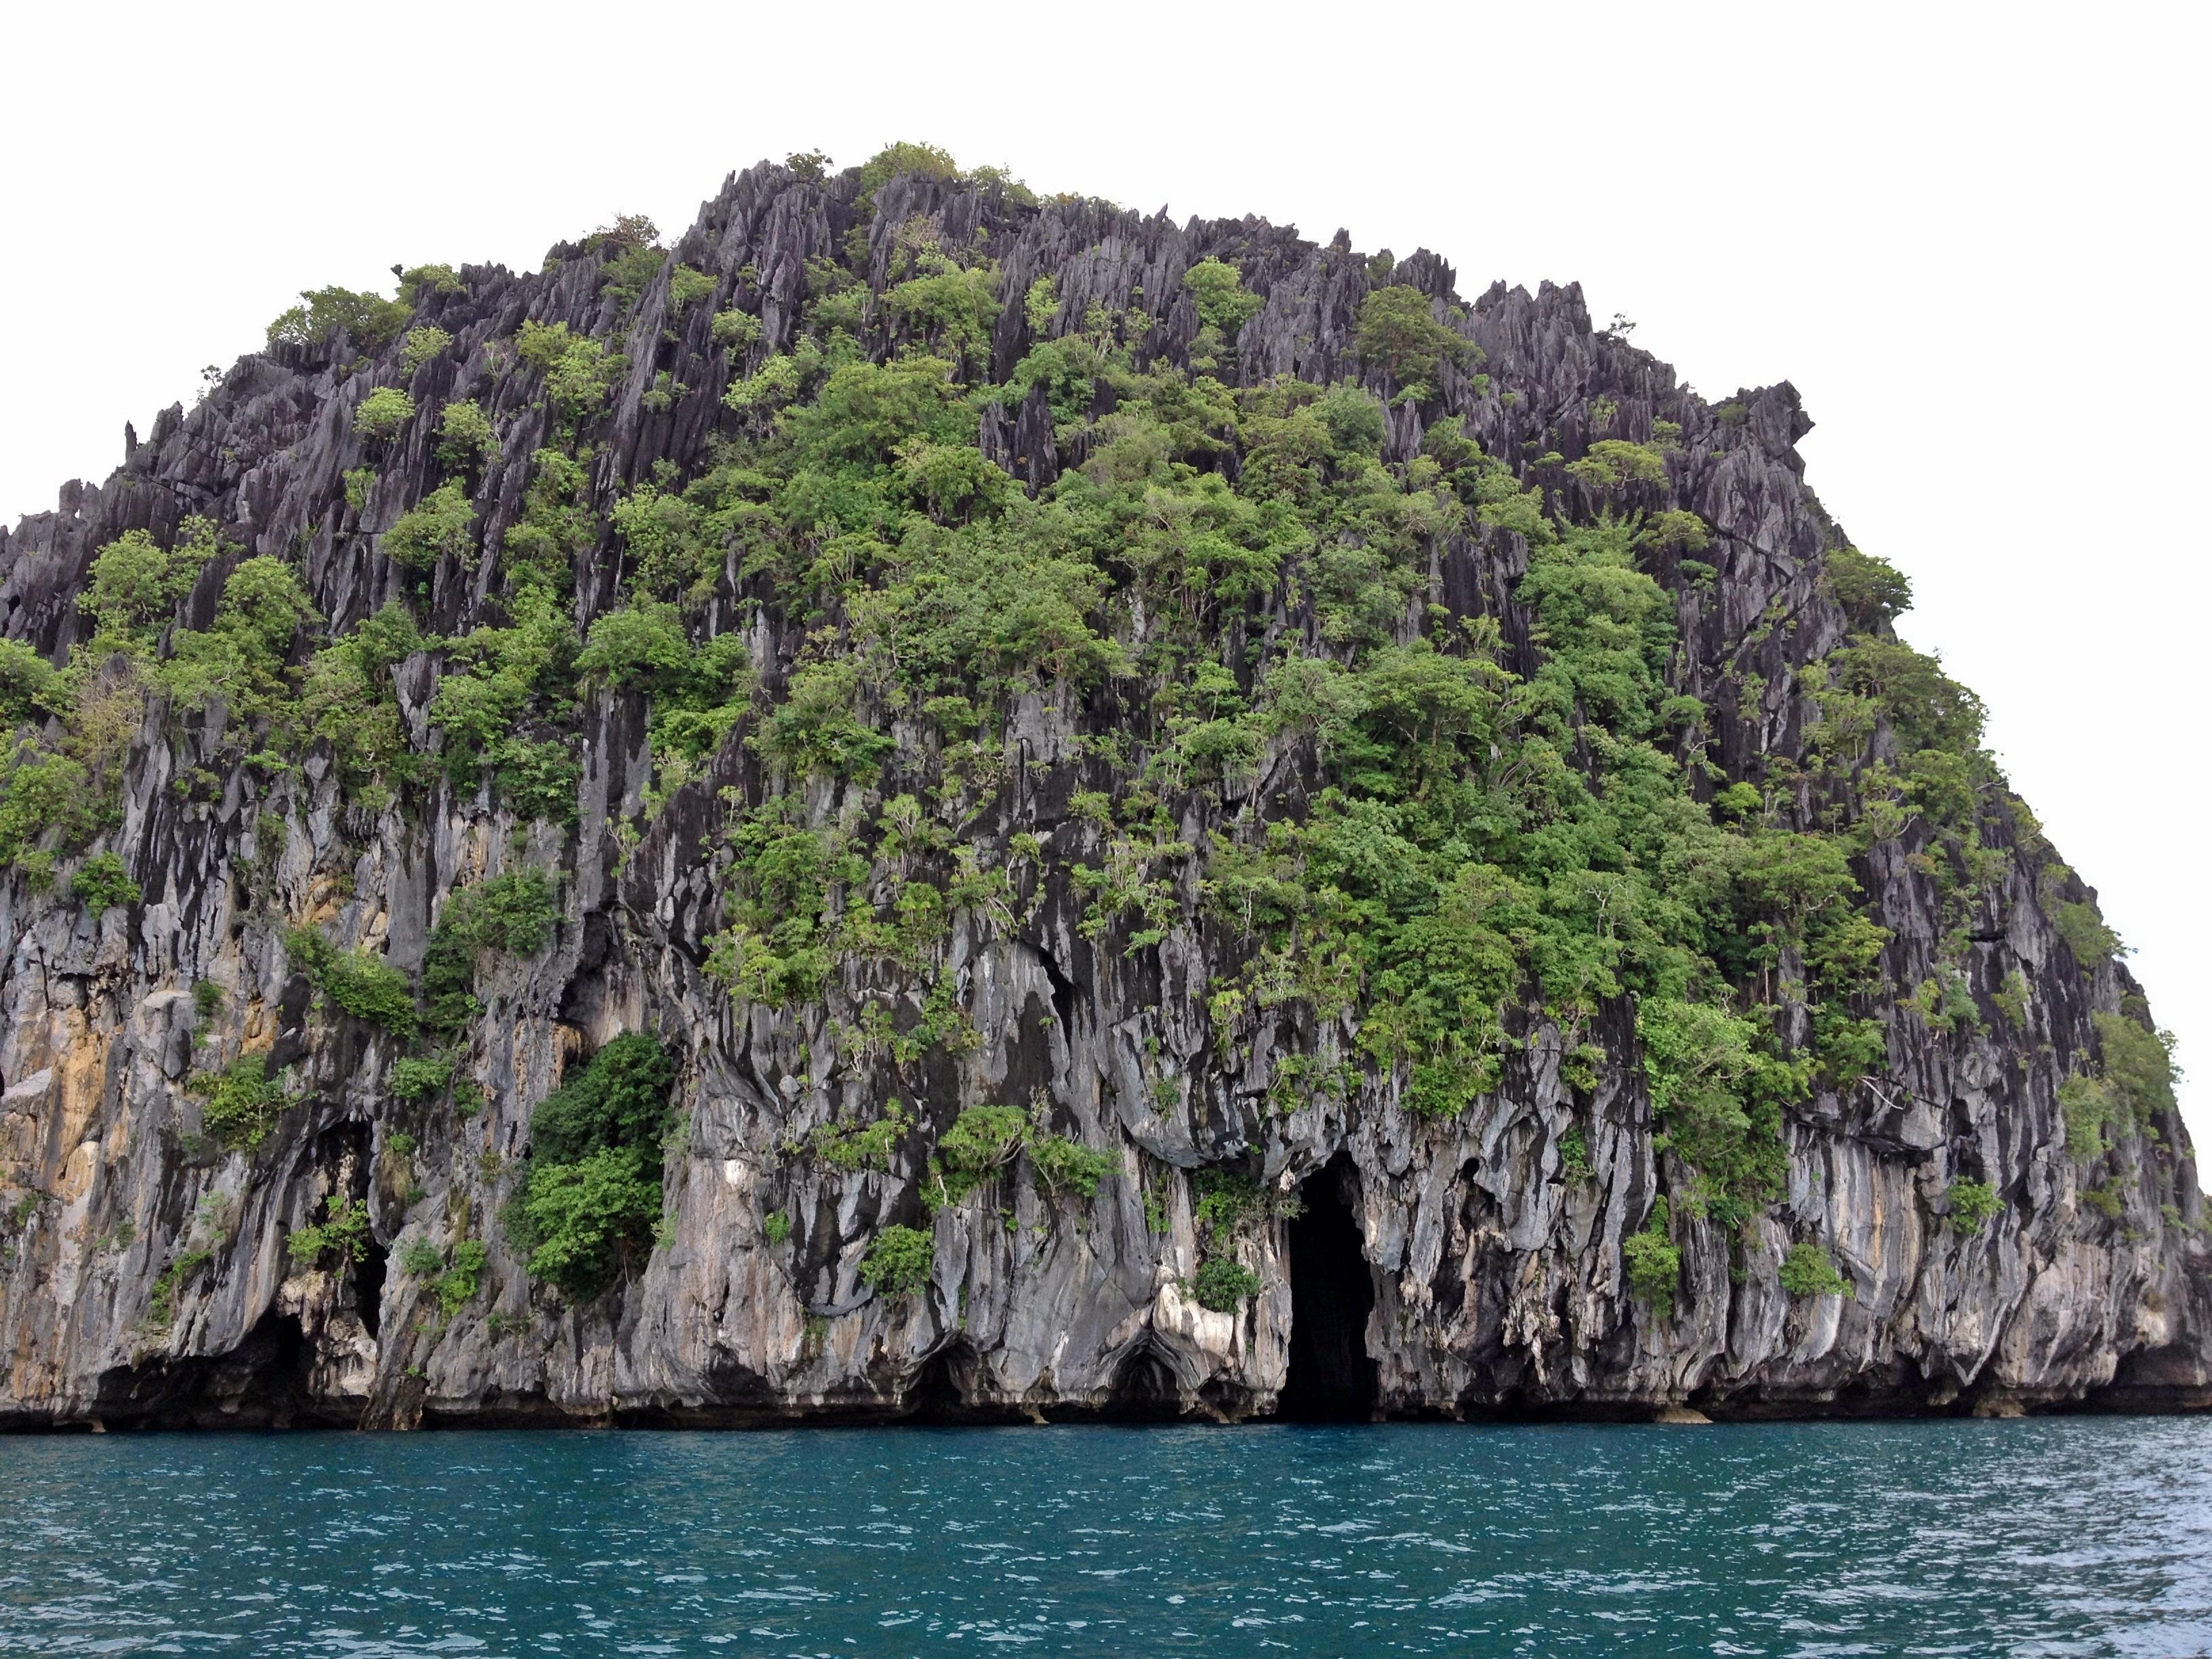 El nido paradise 5